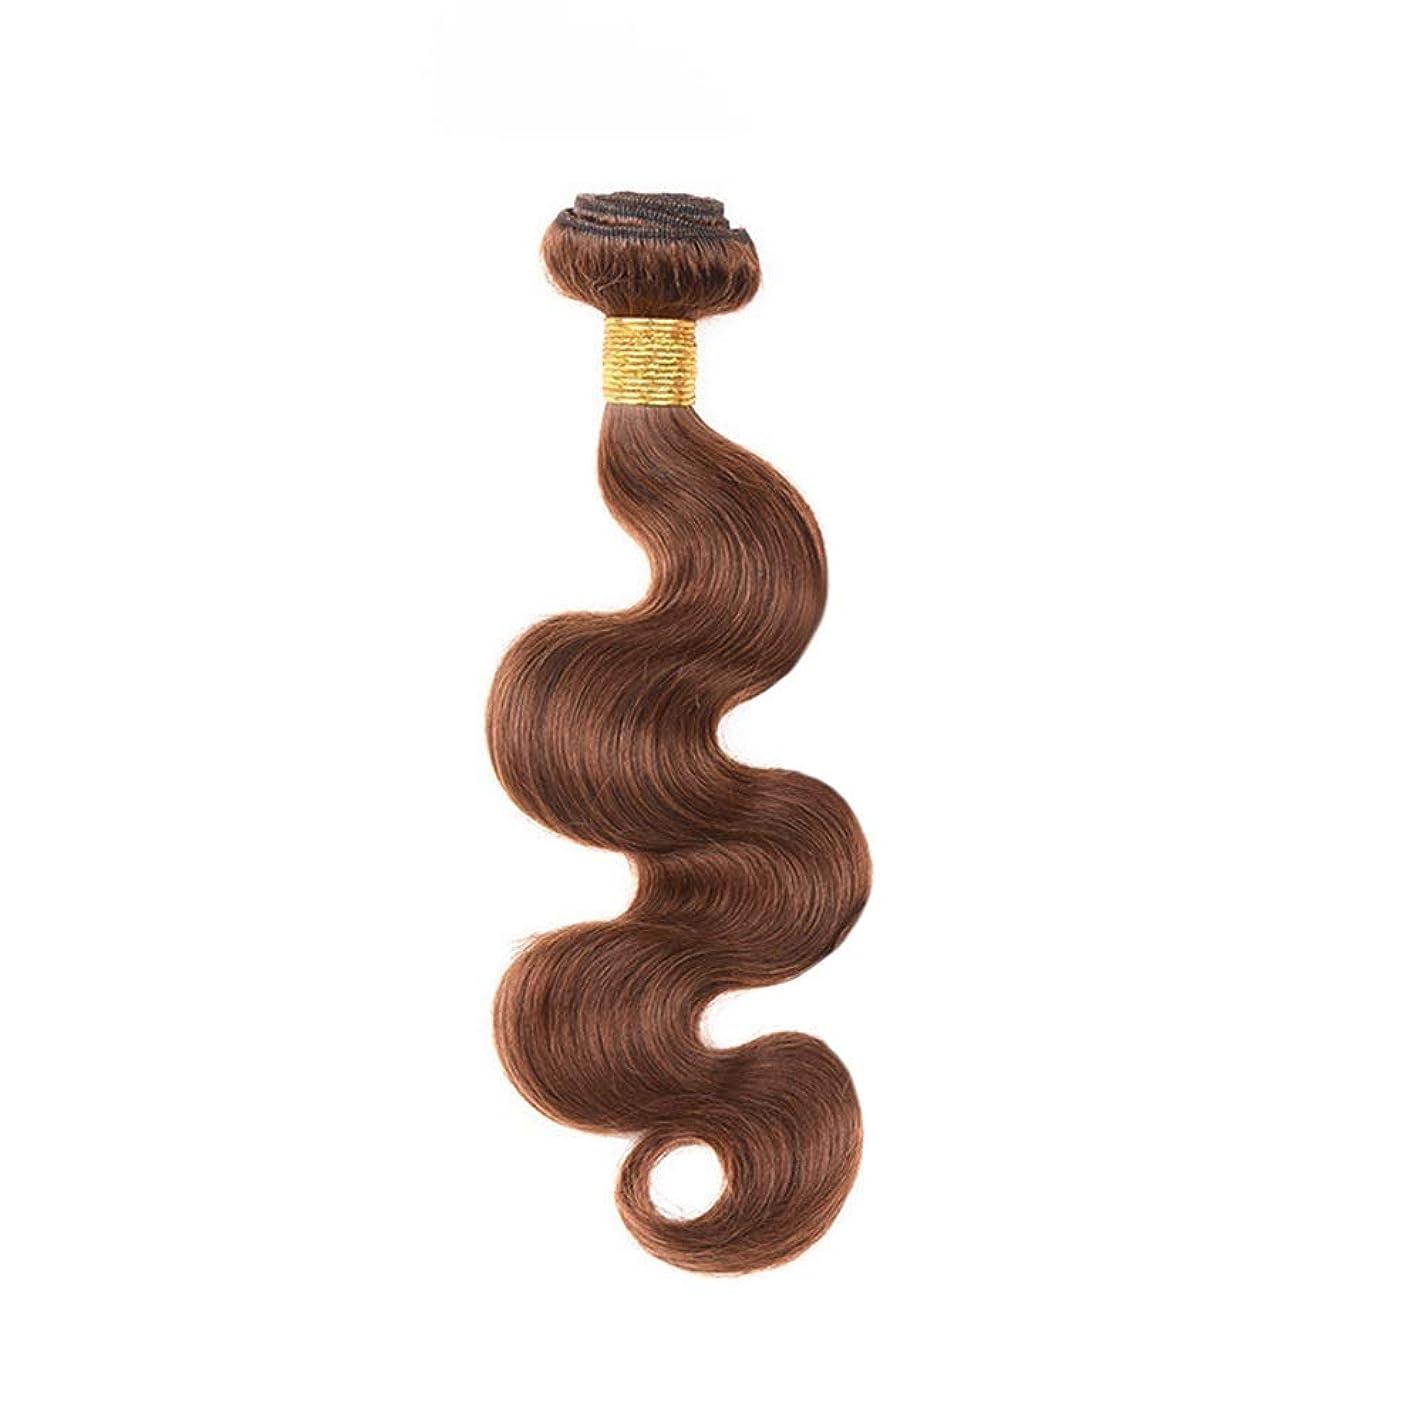 いちゃつく観客ぶら下がるYESONEEP 茶色の人間の髪織りバンドルリアルレミーナチュラルヘアエクステンション横糸 - 実体波 - 4#ブラウン(1バンドル、10インチ-24インチ、100g)合成髪レースかつらロールプレイングウィッグロング&ショート女性自然 (色 : ブラウン, サイズ : 12 inch)